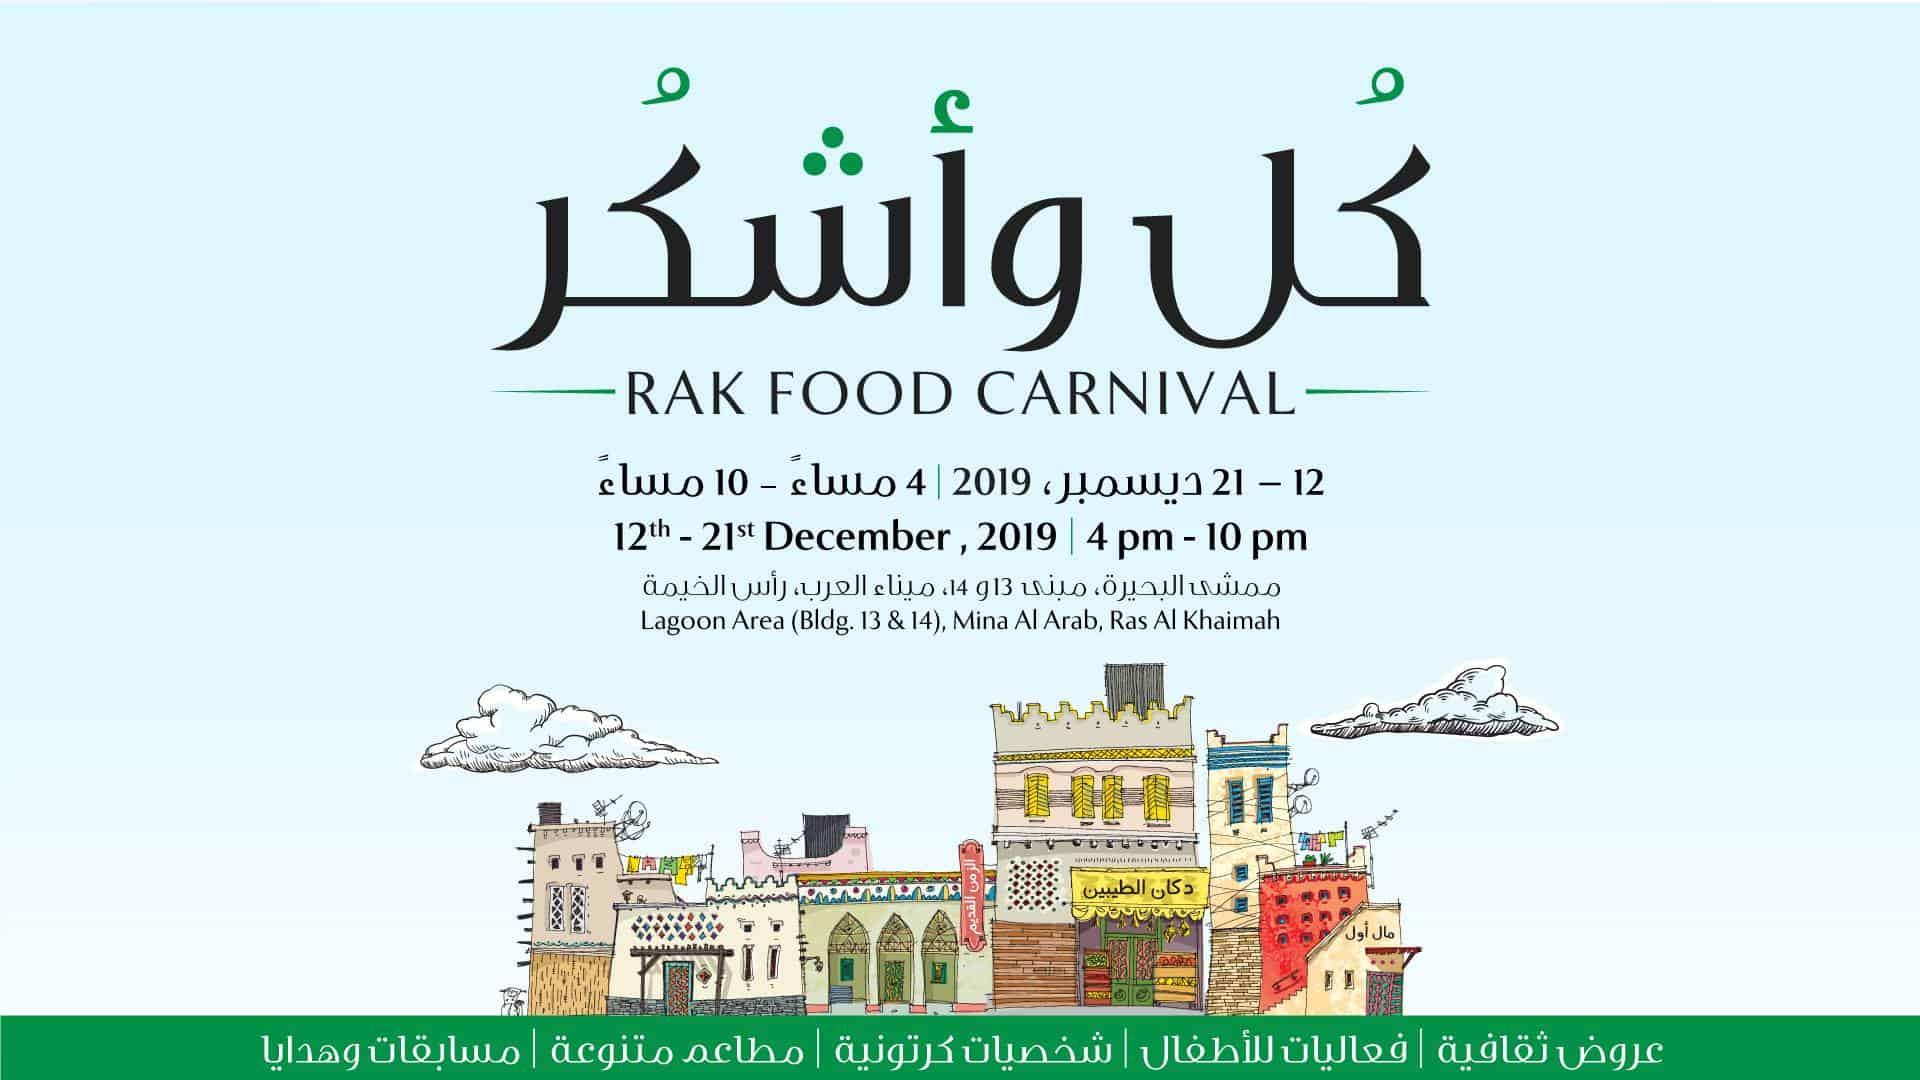 RAK Food Carnival